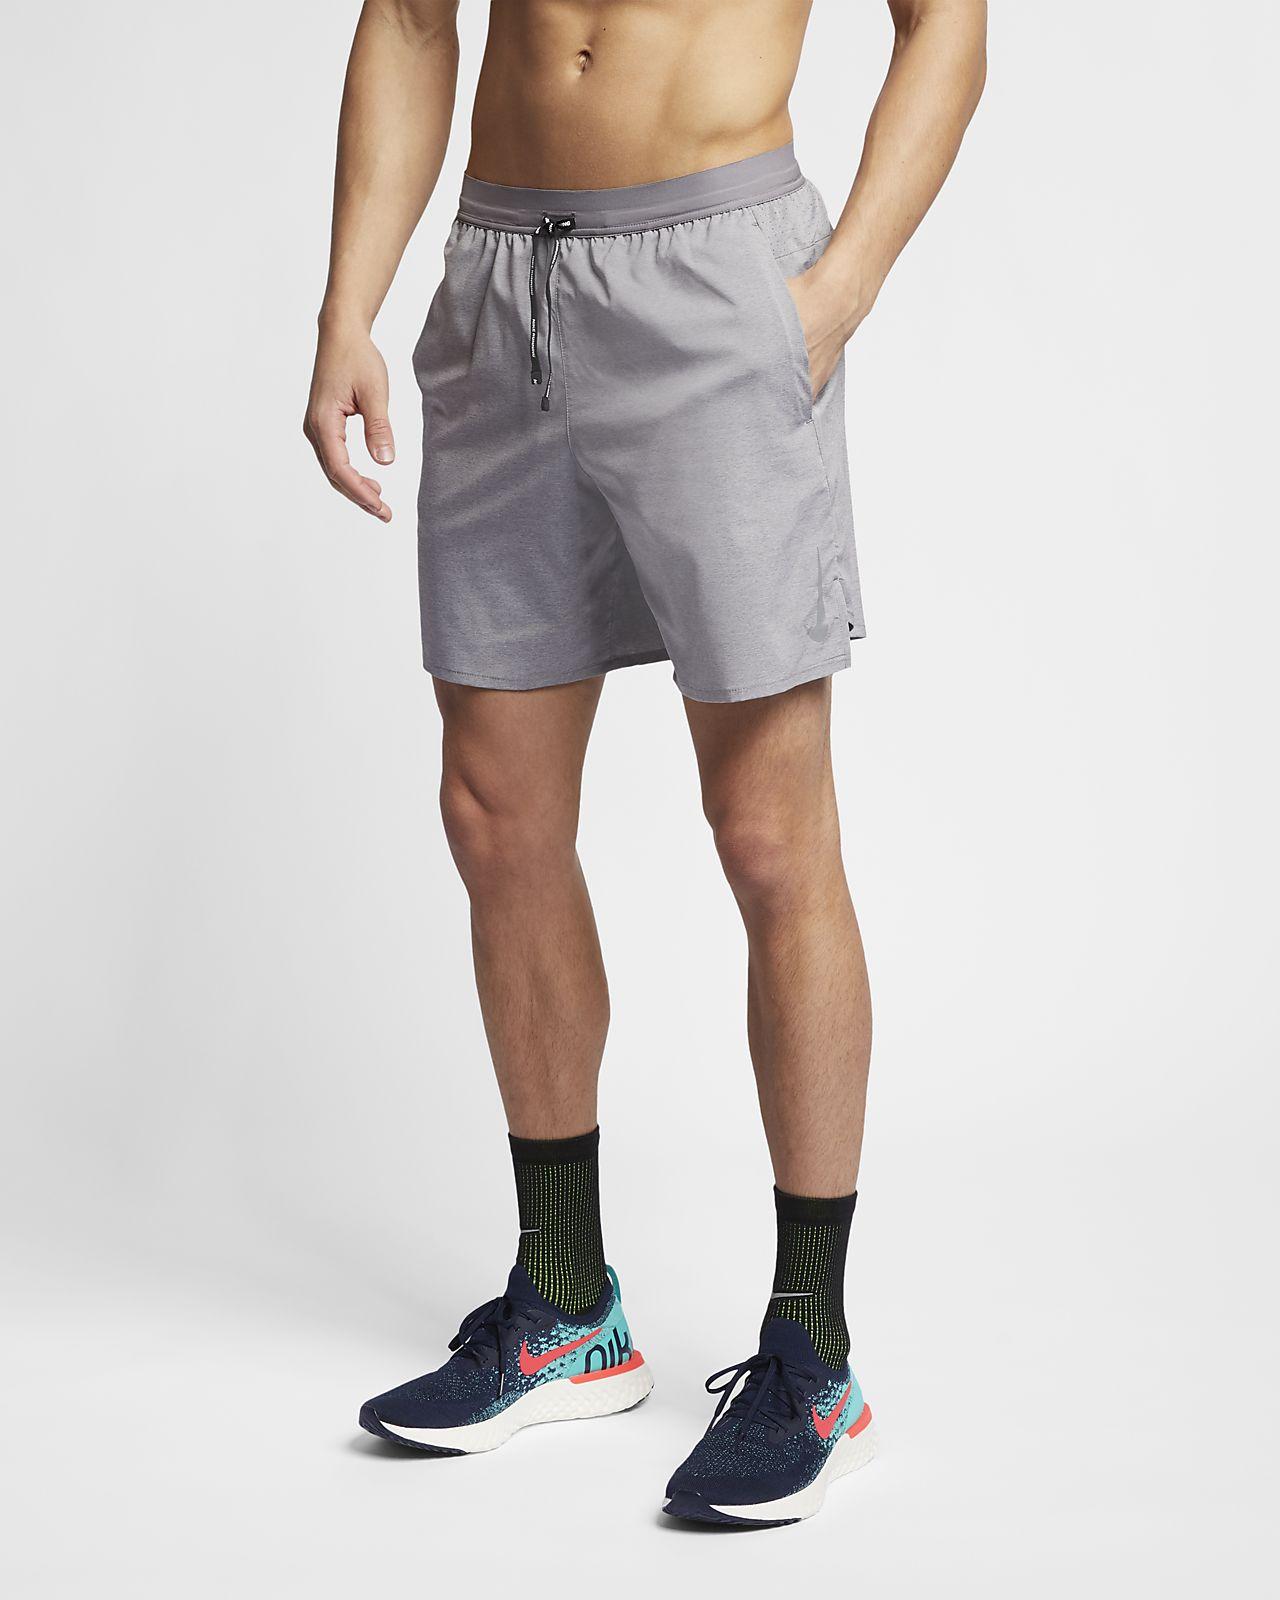 Calções de running 2 em 1 de 18 cm Nike Dri-FIT Flex Stride para homem